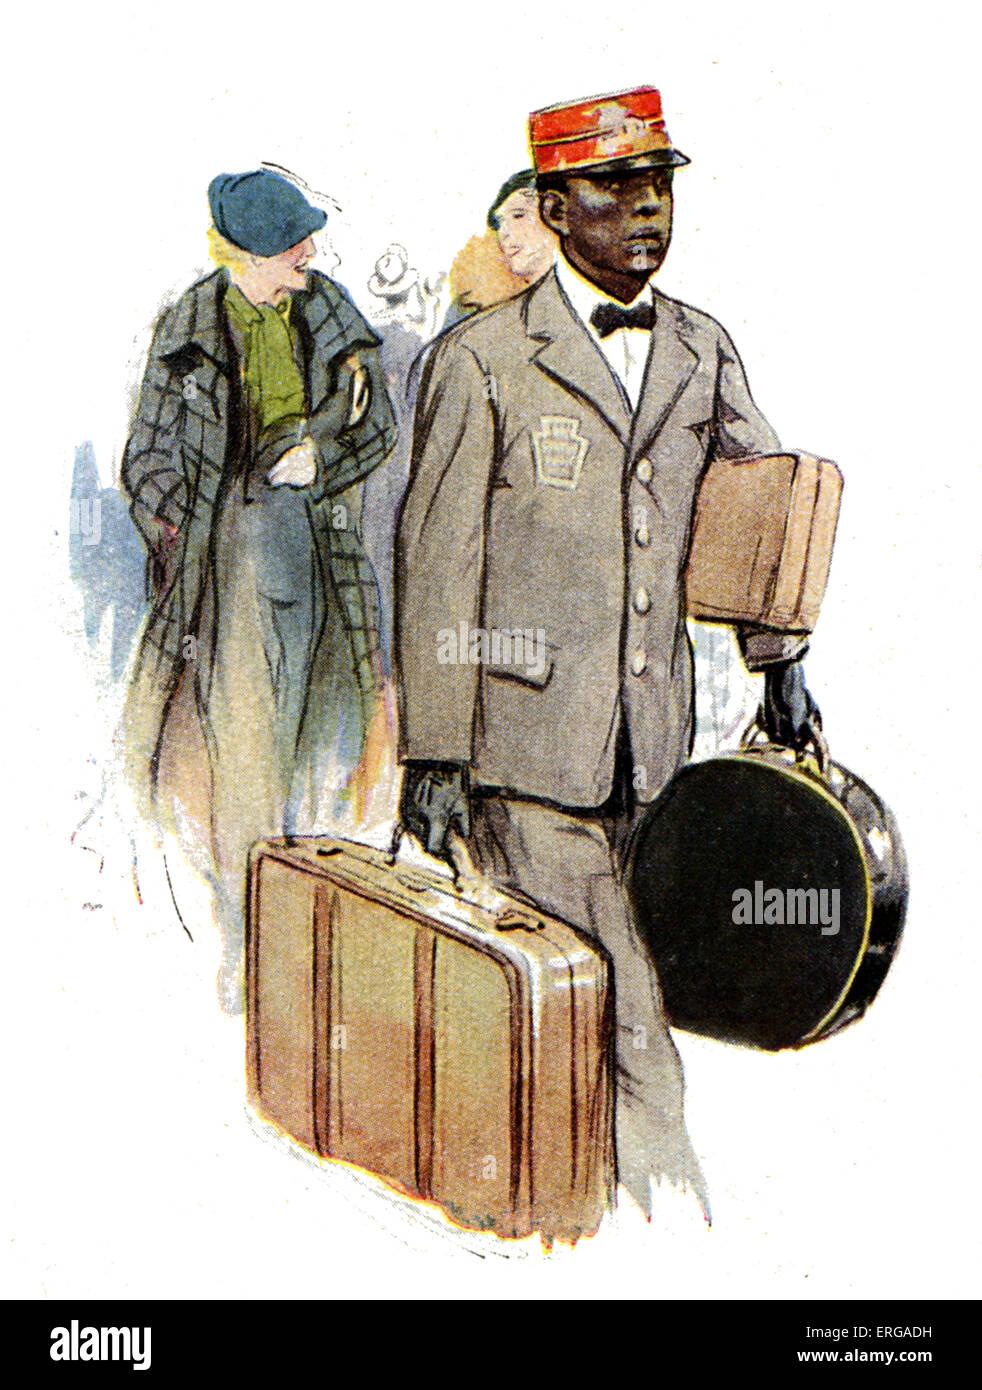 Los uniformes del personal ferroviario, 1920-30s: American transit railway station porter. Imagen De Stock